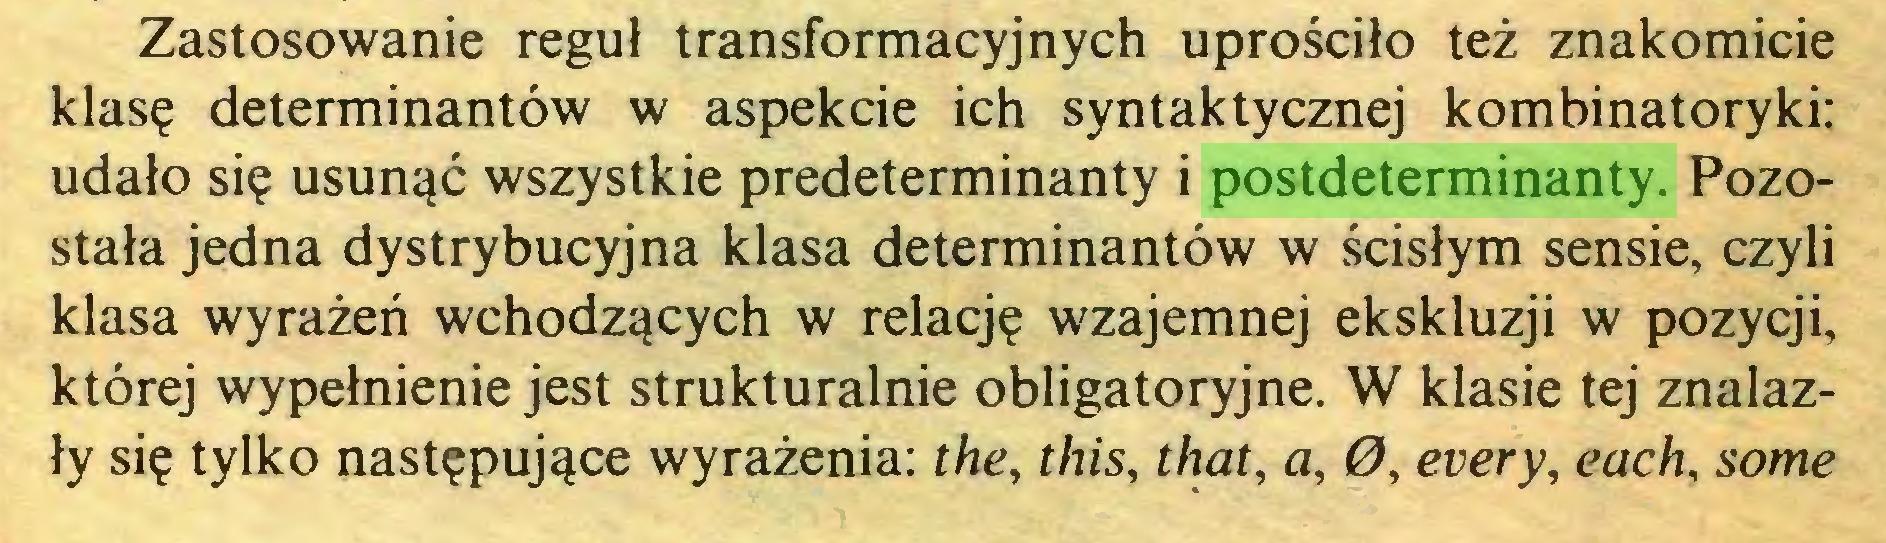 (...) Zastosowanie reguł transformacyjnych uprościło też znakomicie klasę determinantów w aspekcie ich syntaktycznej kombinatoryki: udało się usunąć wszystkie predeterminanty i postdeterminanty. Pozostała jedna dystrybucyjna klasa determinantów w ścisłym sensie, czyli klasa wyrażeń wchodzących w relację wzajemnej ekskluzji w pozycji, której wypełnienie jest strukturalnie obligatoryjne. W klasie tej znalazły się tylko następujące wyrażenia: the, this, that, a, 0, every, each, some...